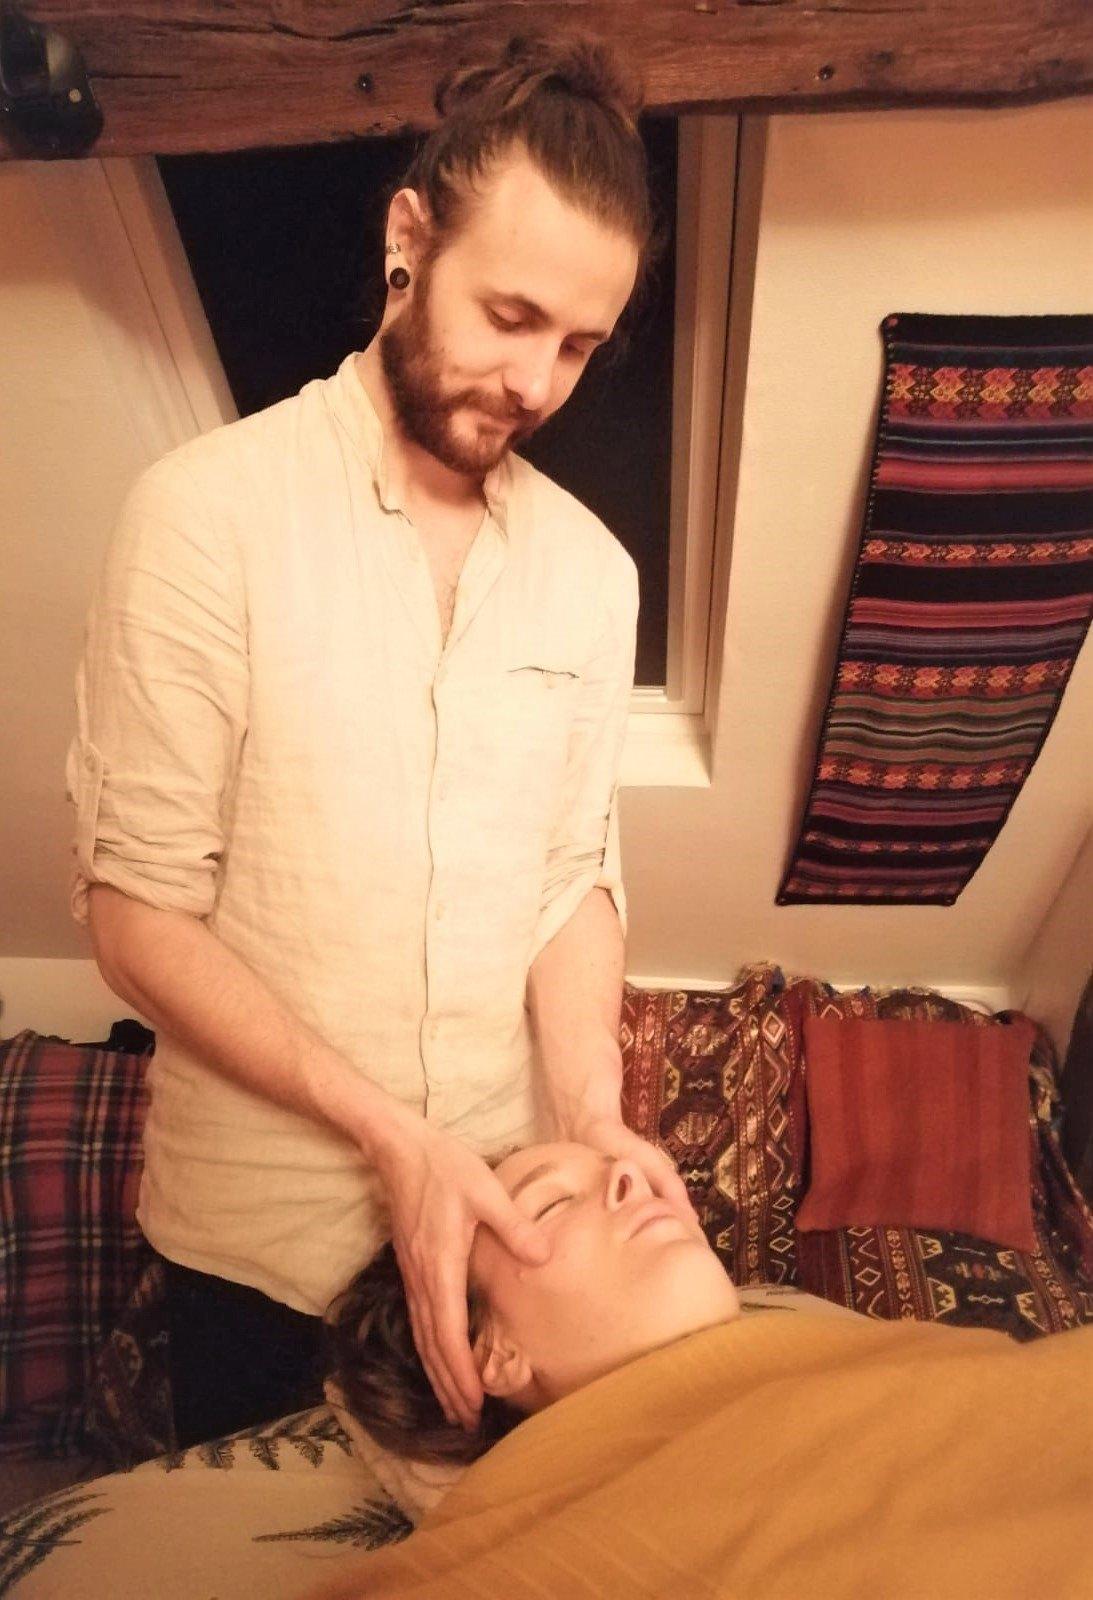 Quentin masseur partenaire Souriez rose